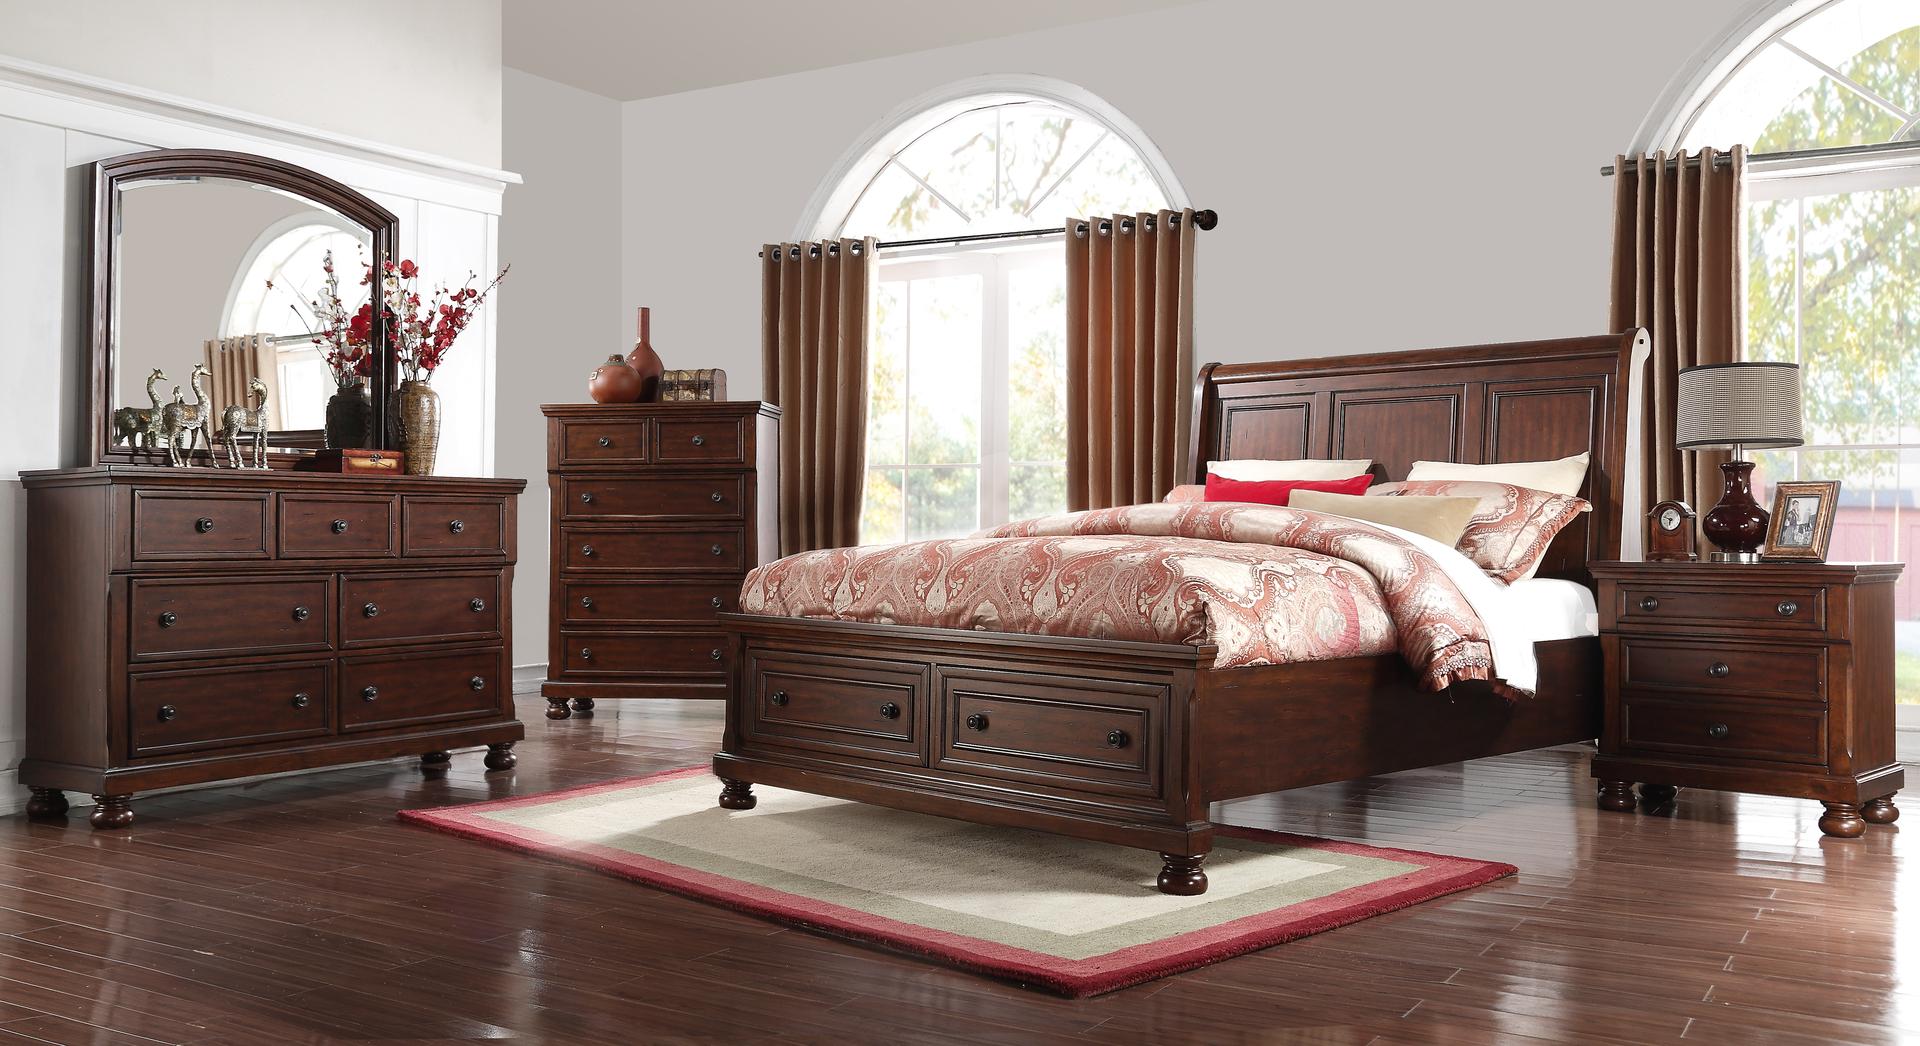 Colfax Discount Store Furniture Mattrasses Appliances Furniture